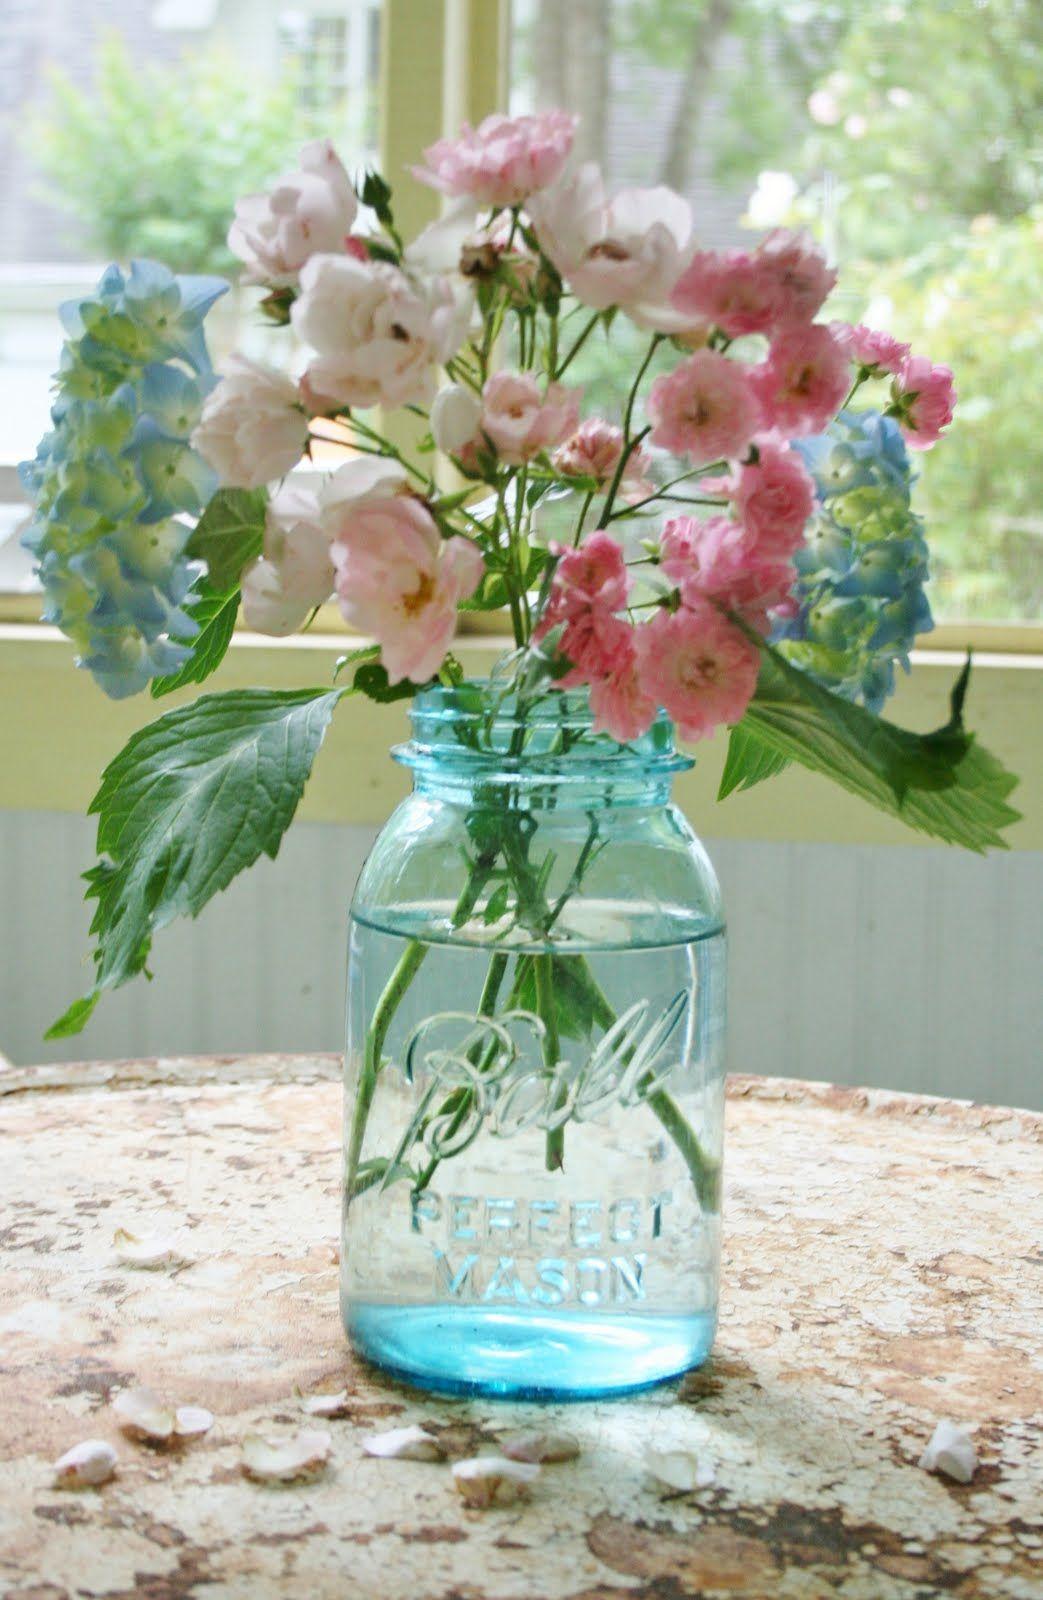 Simple Beautiful Flowers In Plain And Simple Jar Always Makes Me